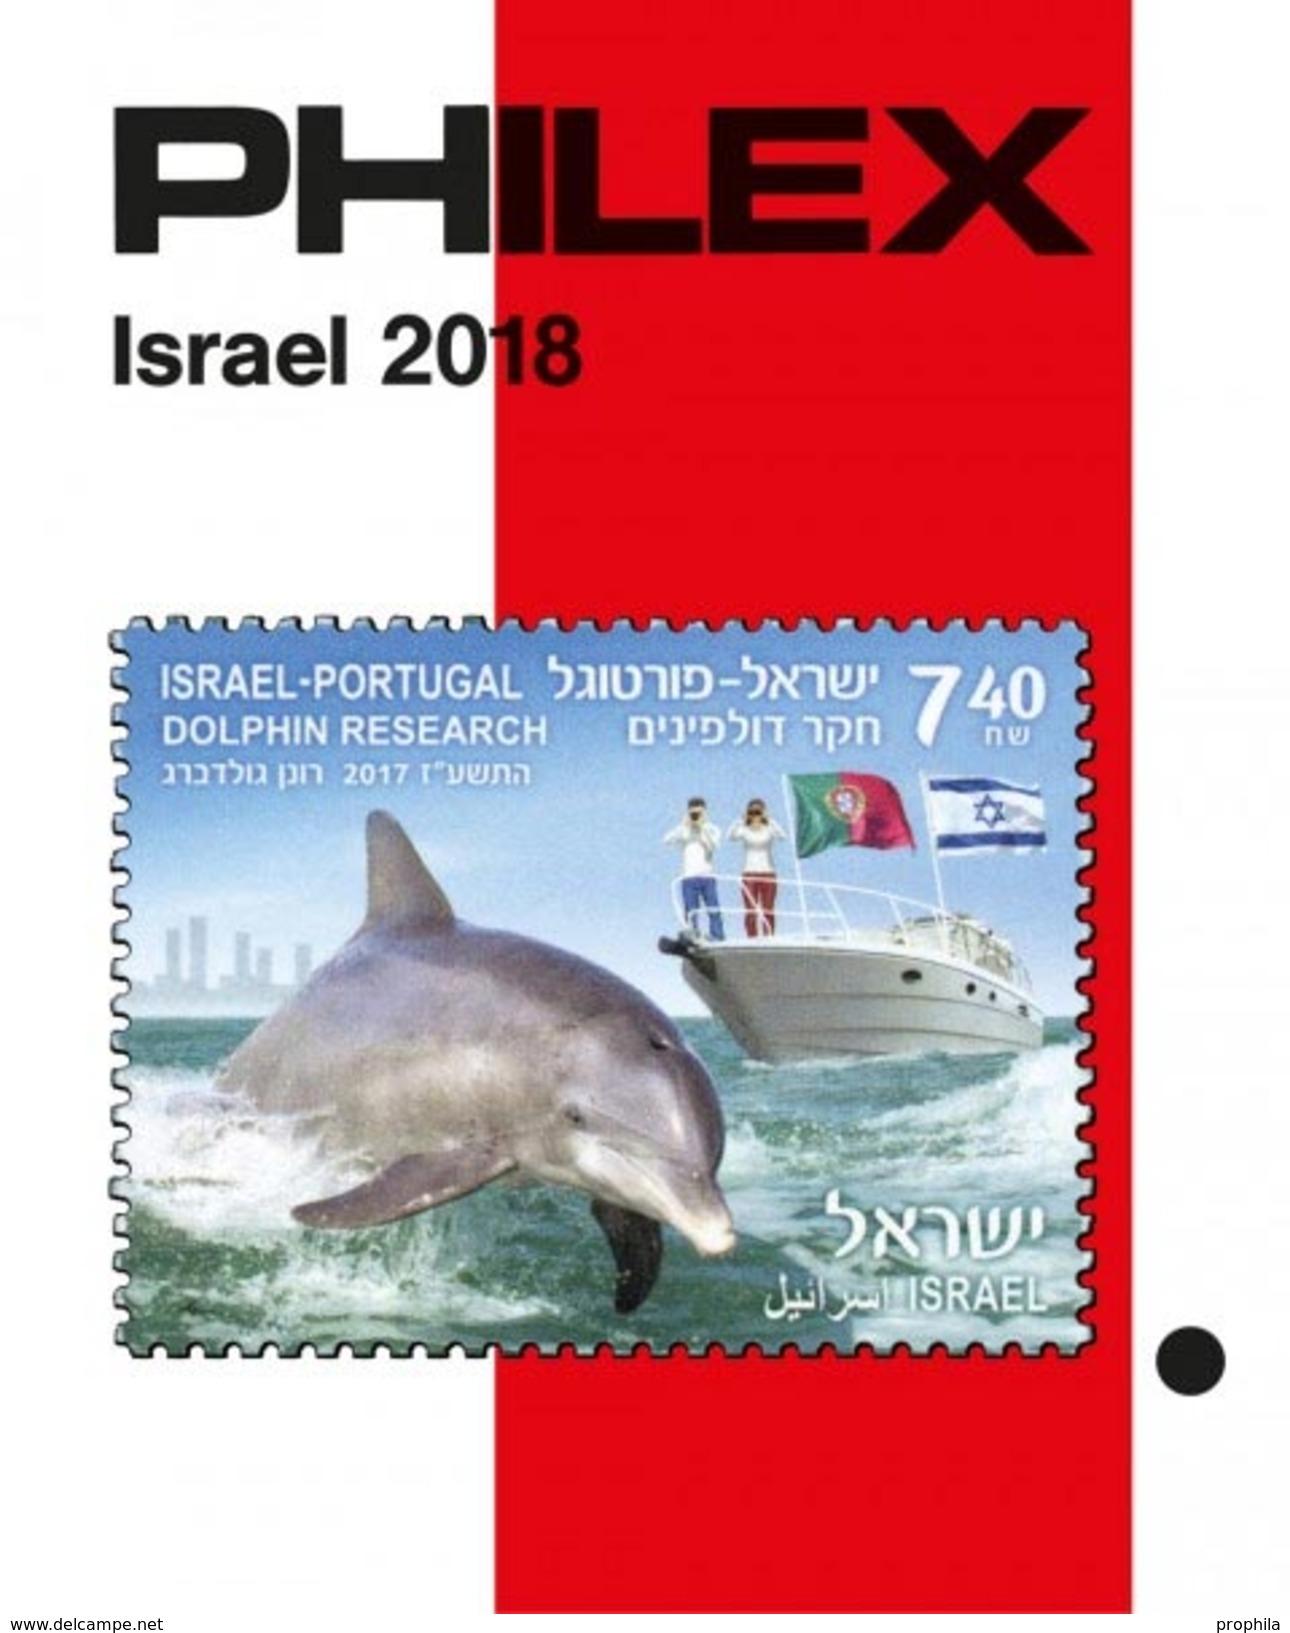 PHILEX Israel 2018 - Cataloghi